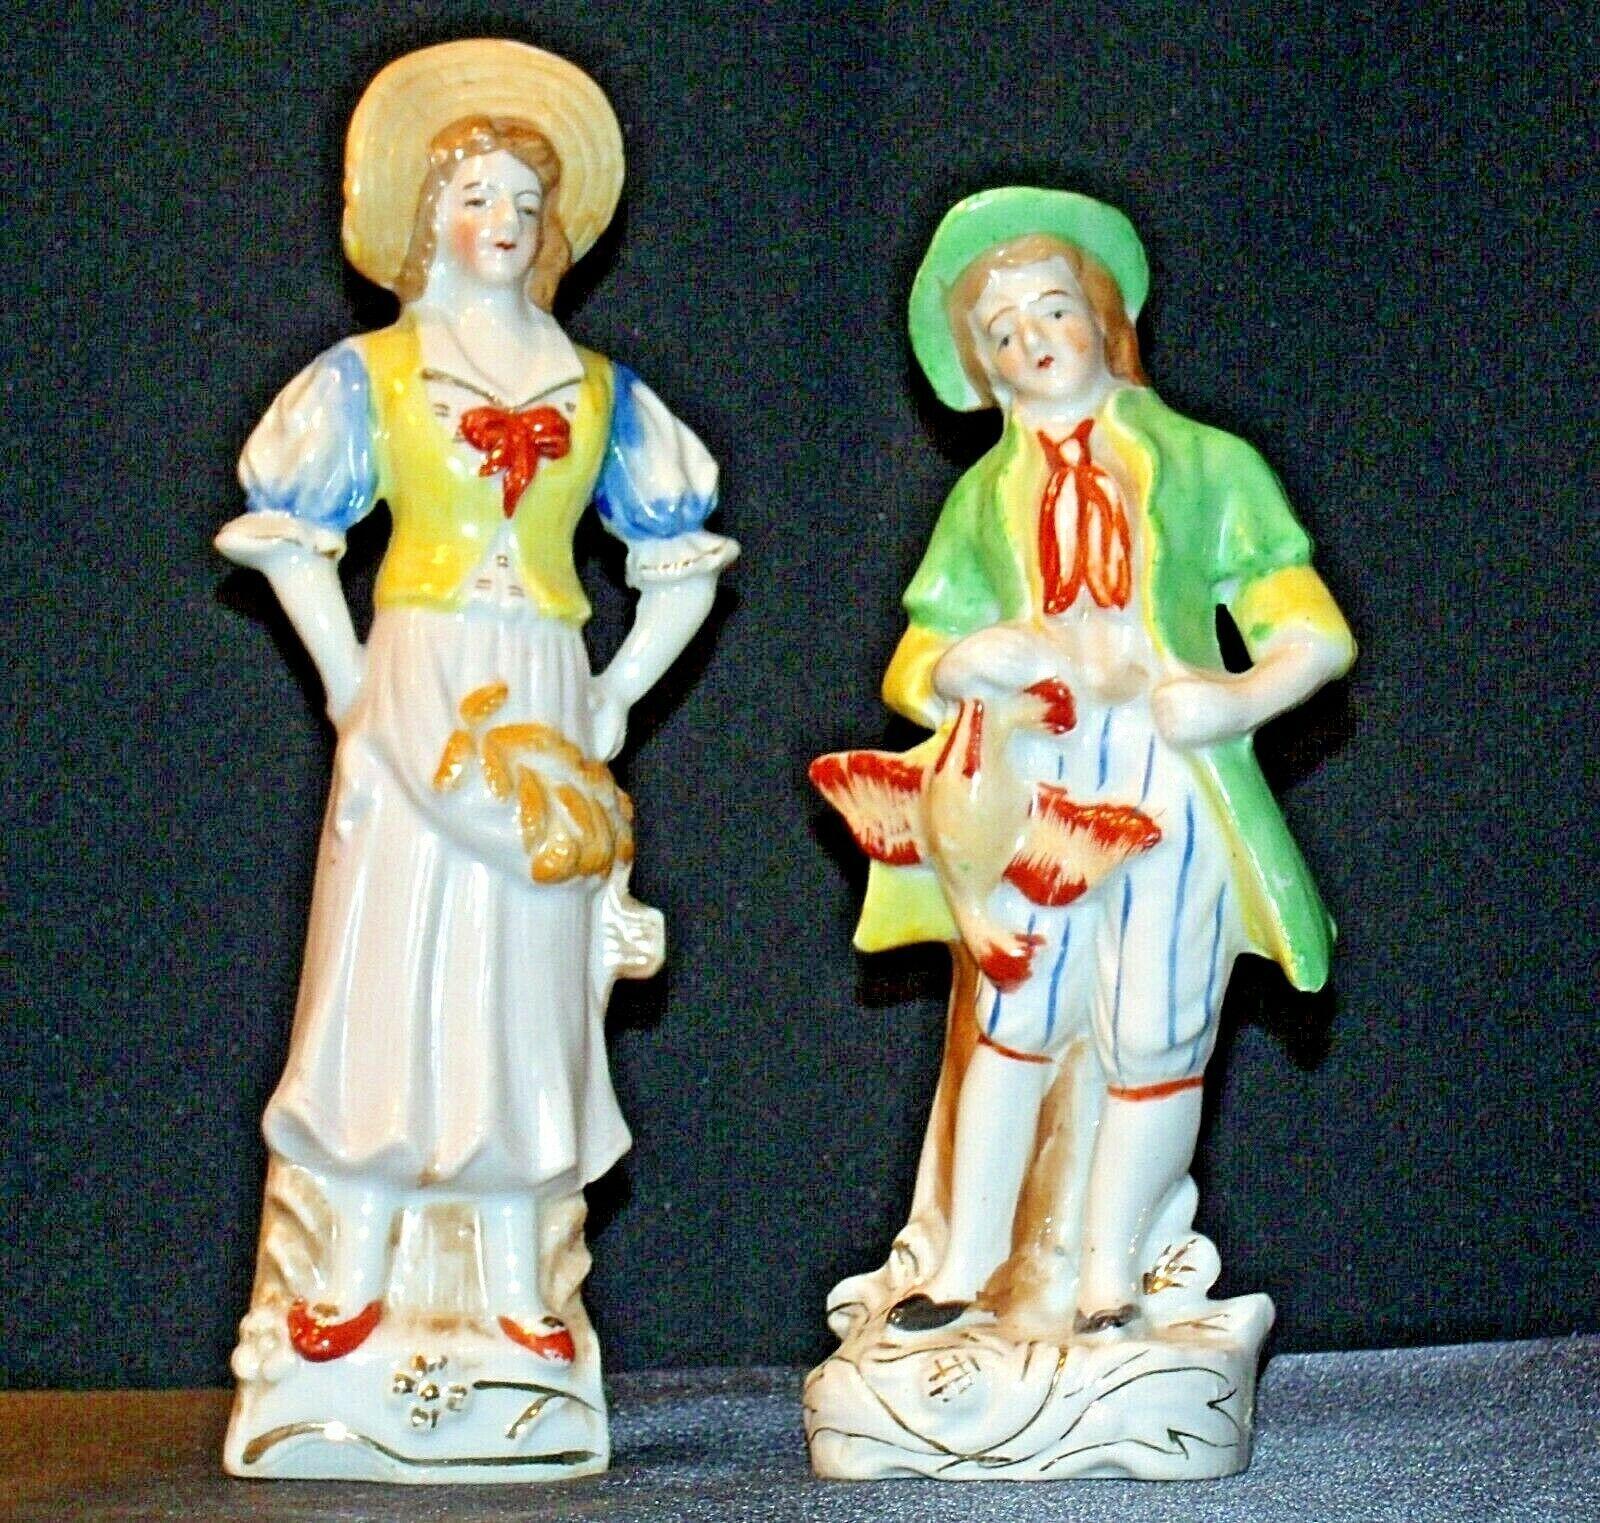 Pair of Hand painted Figurines AA-192055 Vintage Japan